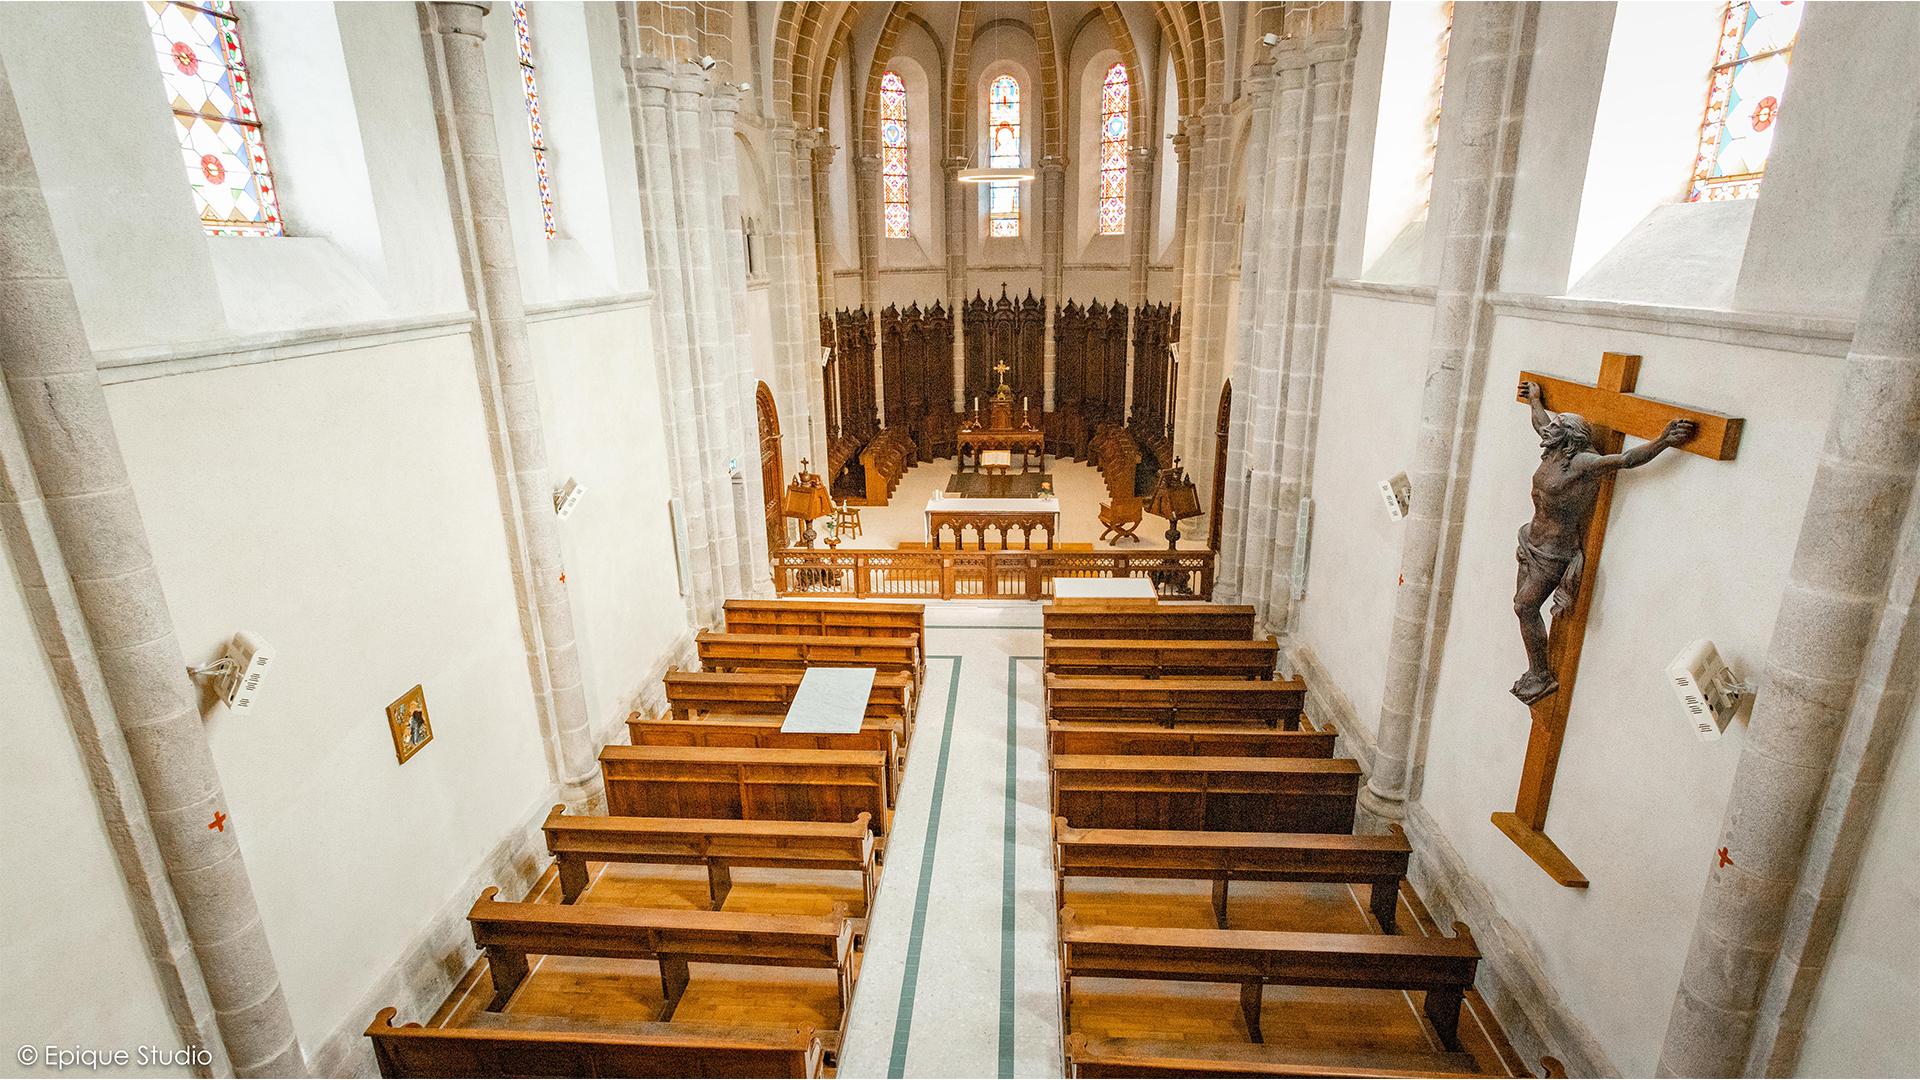 Univers Religieux Epique Studio Le Puy Du Fou